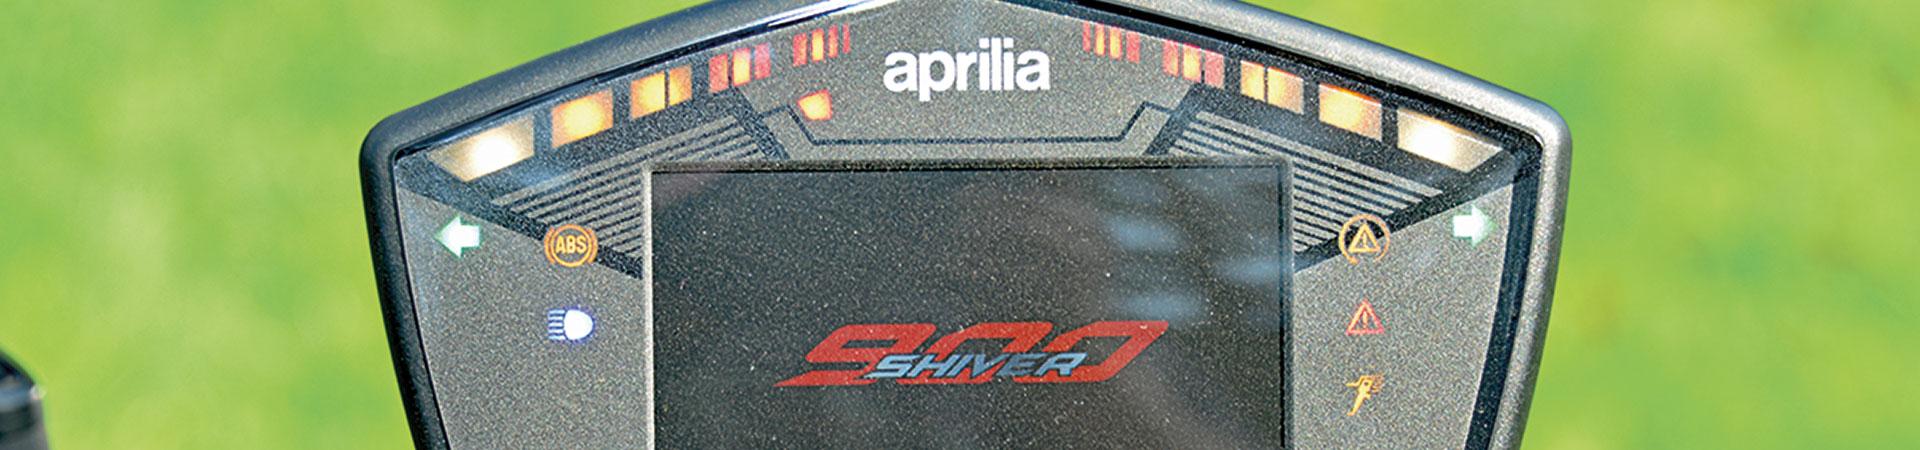 Aprilia-Shiver-900-Modell-2018